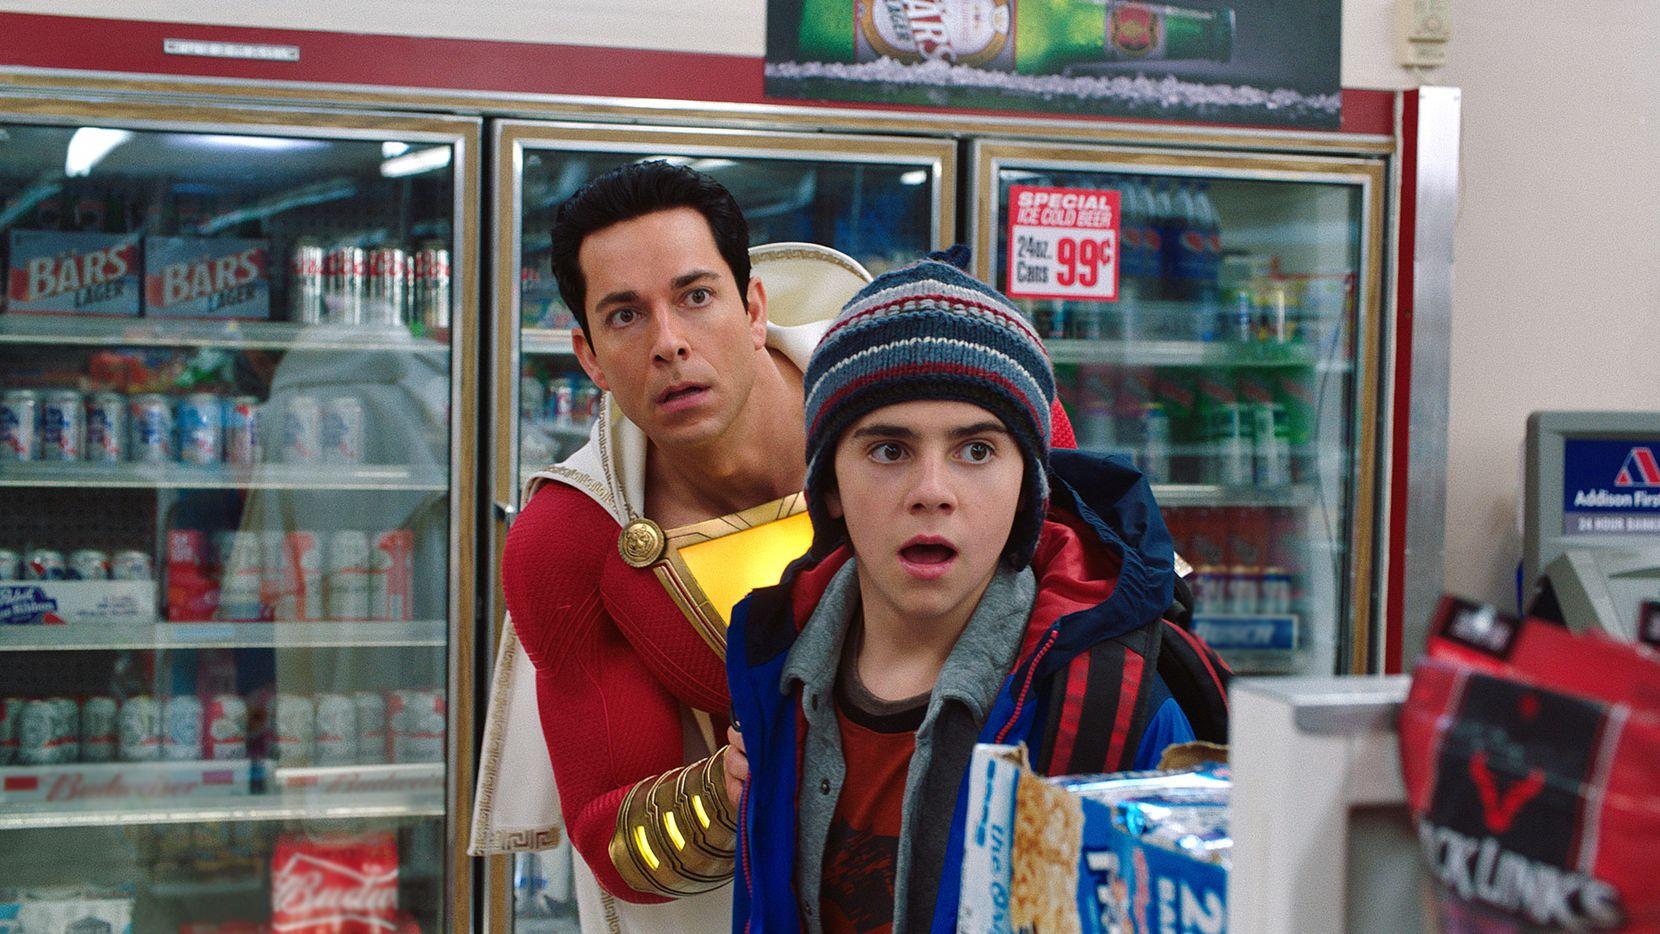 Zachary Levi da vida a la versión agrandada de Billy Batson, interpretado de niño por Asher Angel en Shazam!. (Warner Bross)